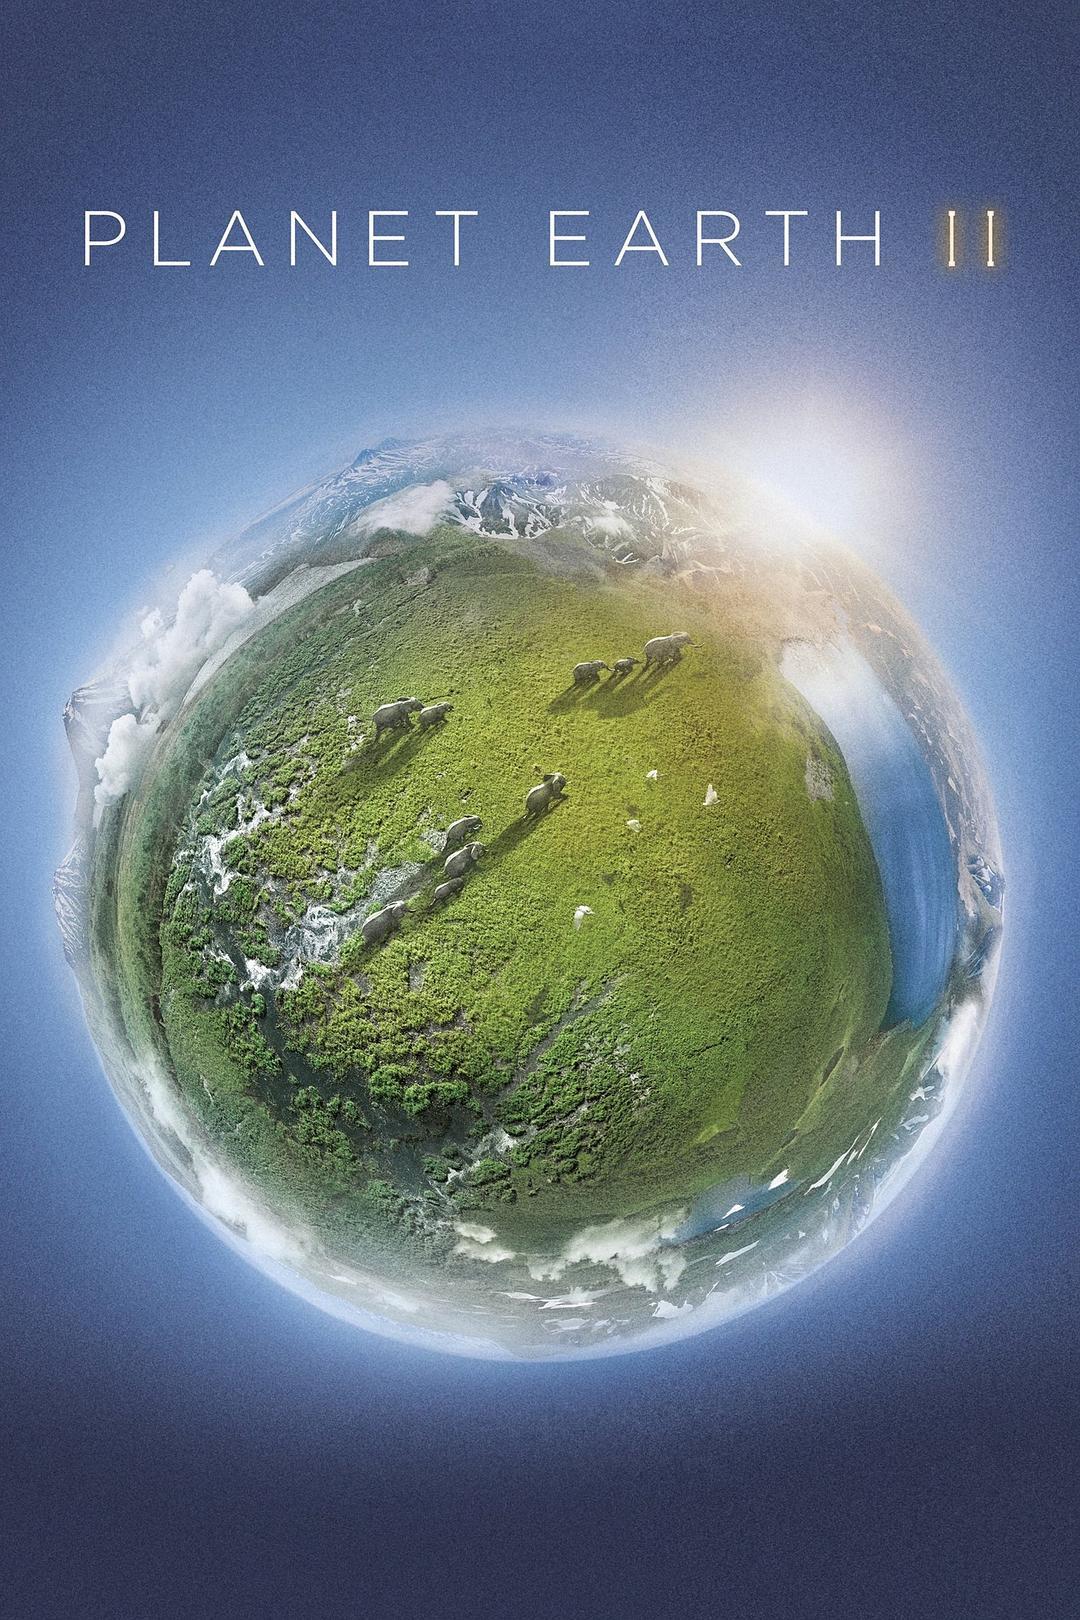 地球脉动 第二季